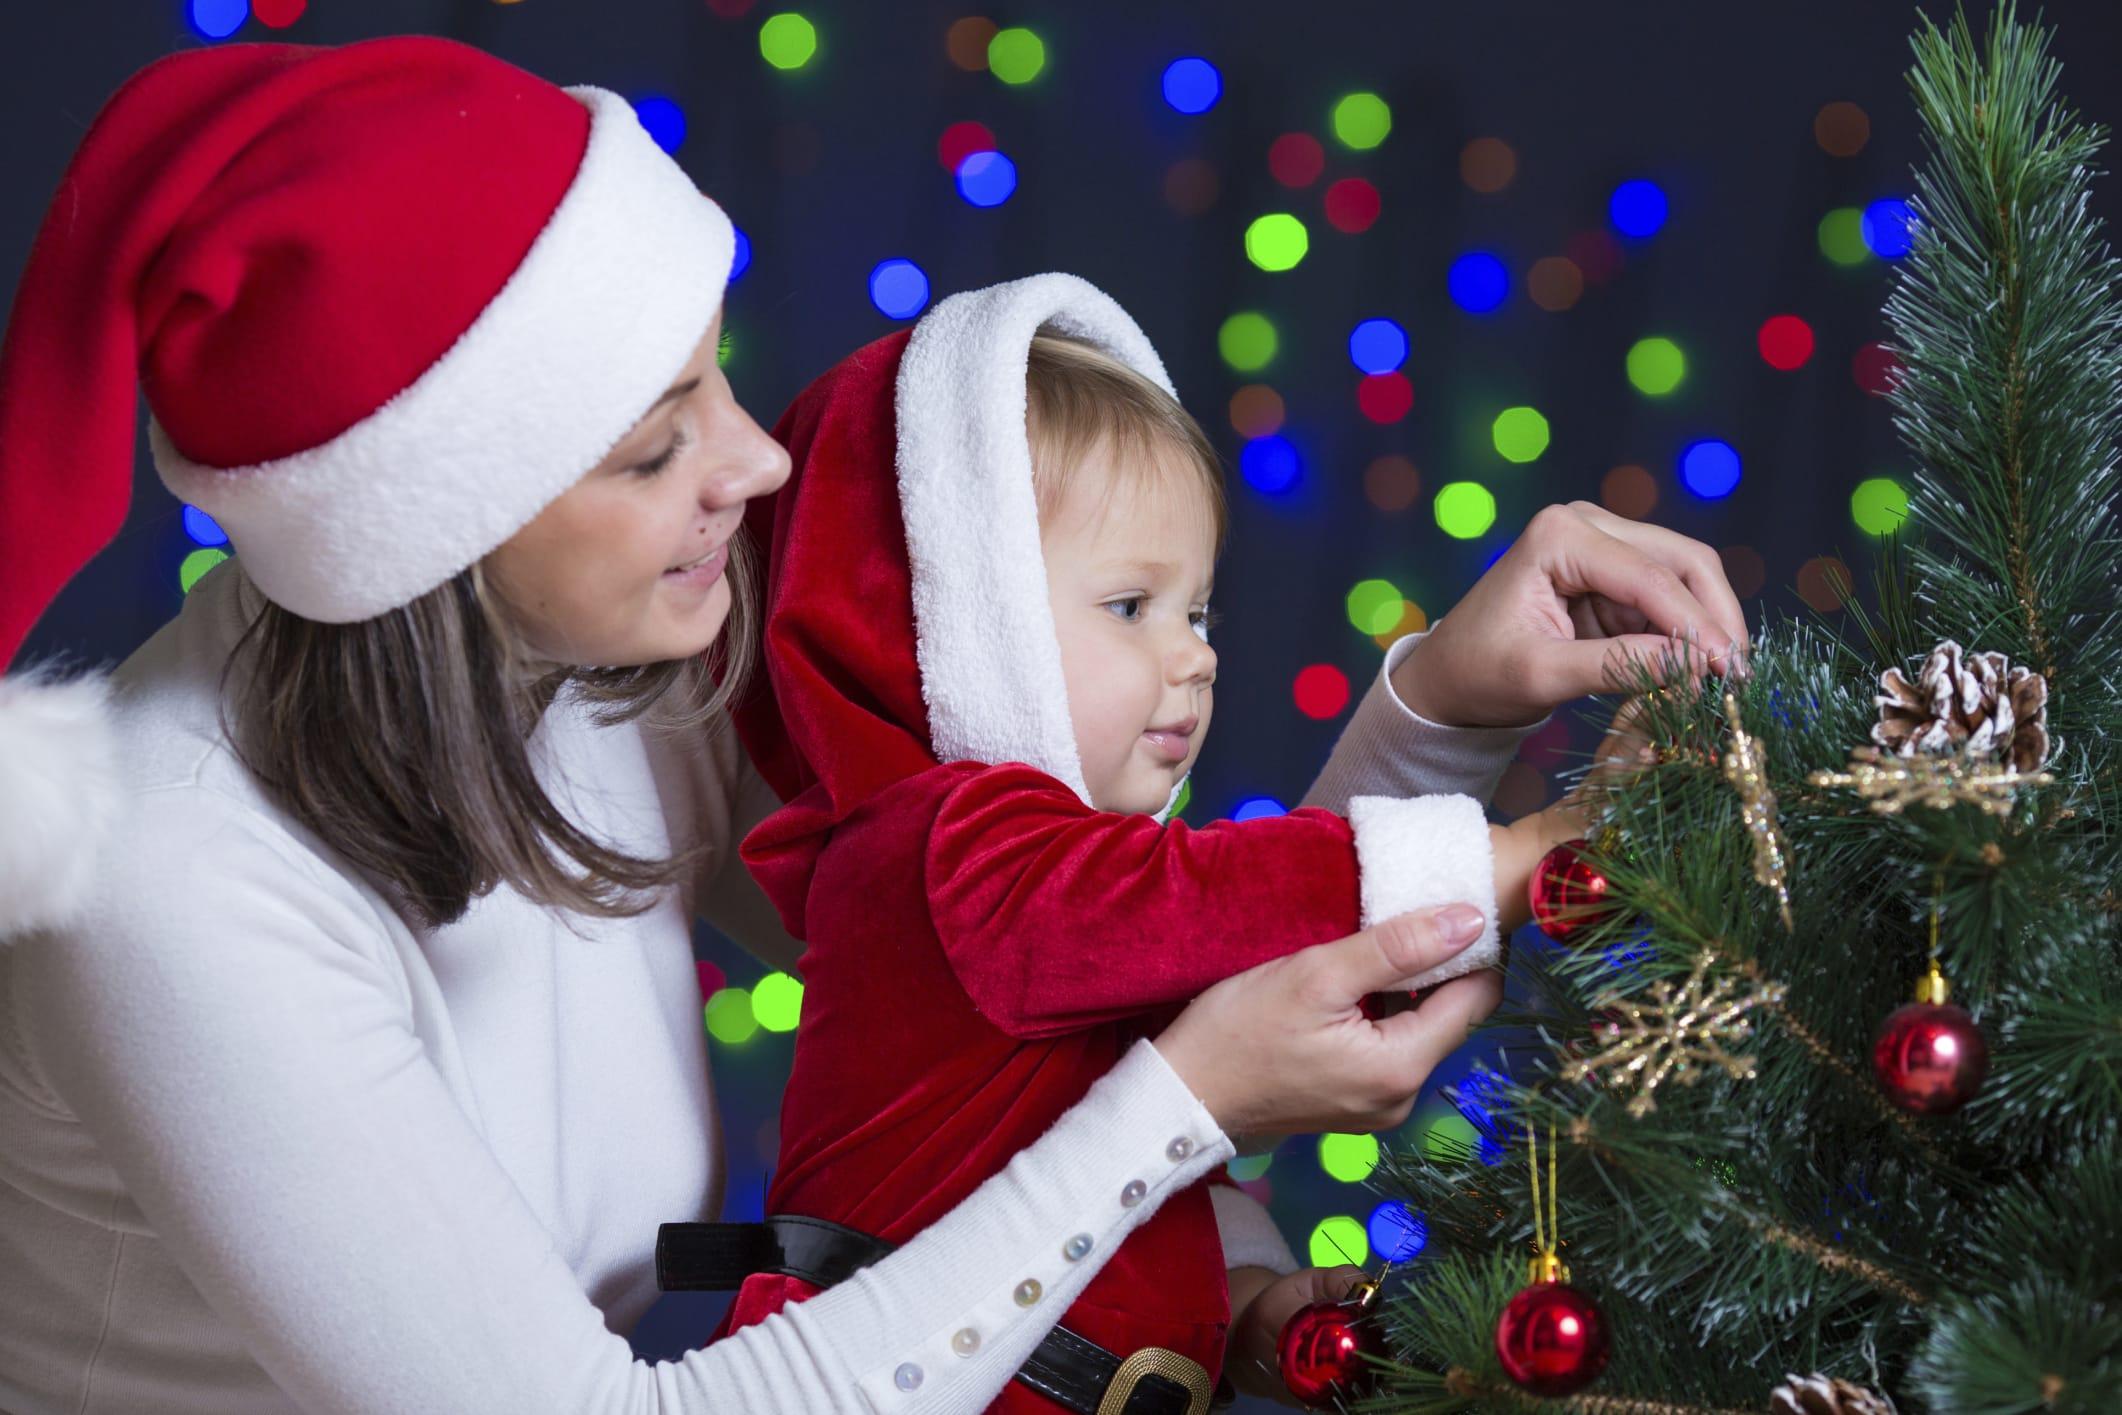 Foto Bimbi Di Natale.Come Realizzare Palline Di Natale Fai Da Te Foto Non Sprecare